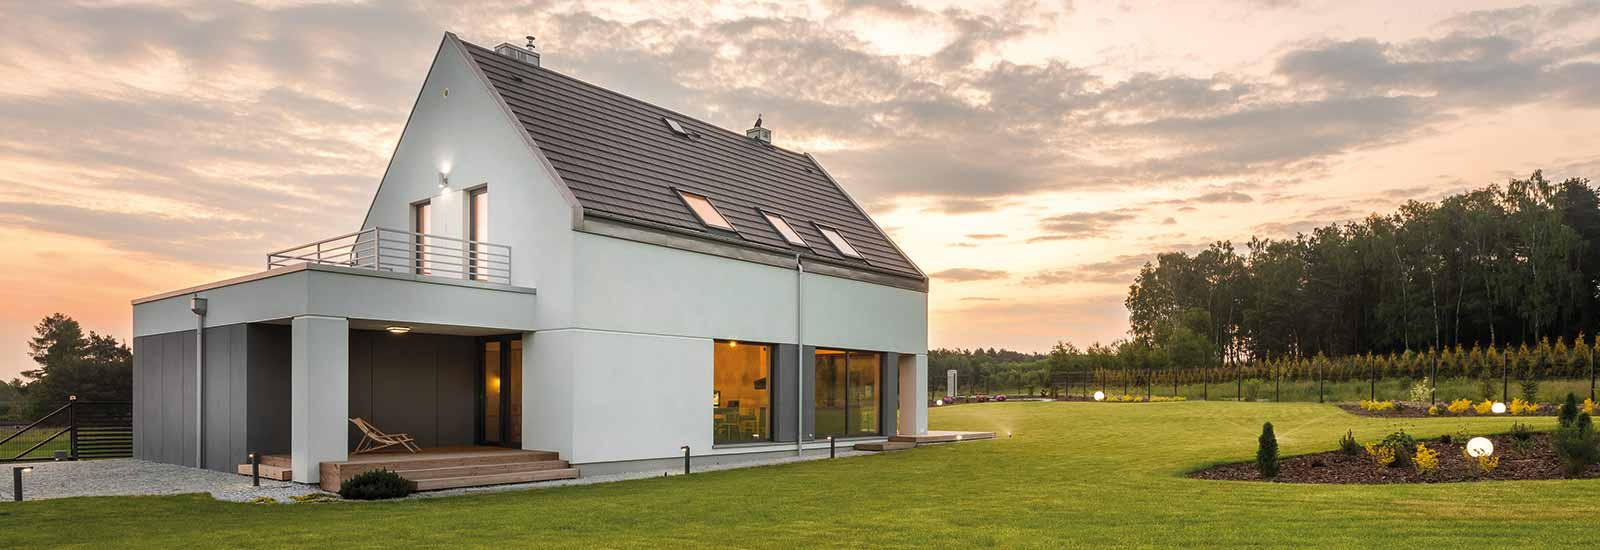 Einfamilienhaus beim Sonnenuntergang